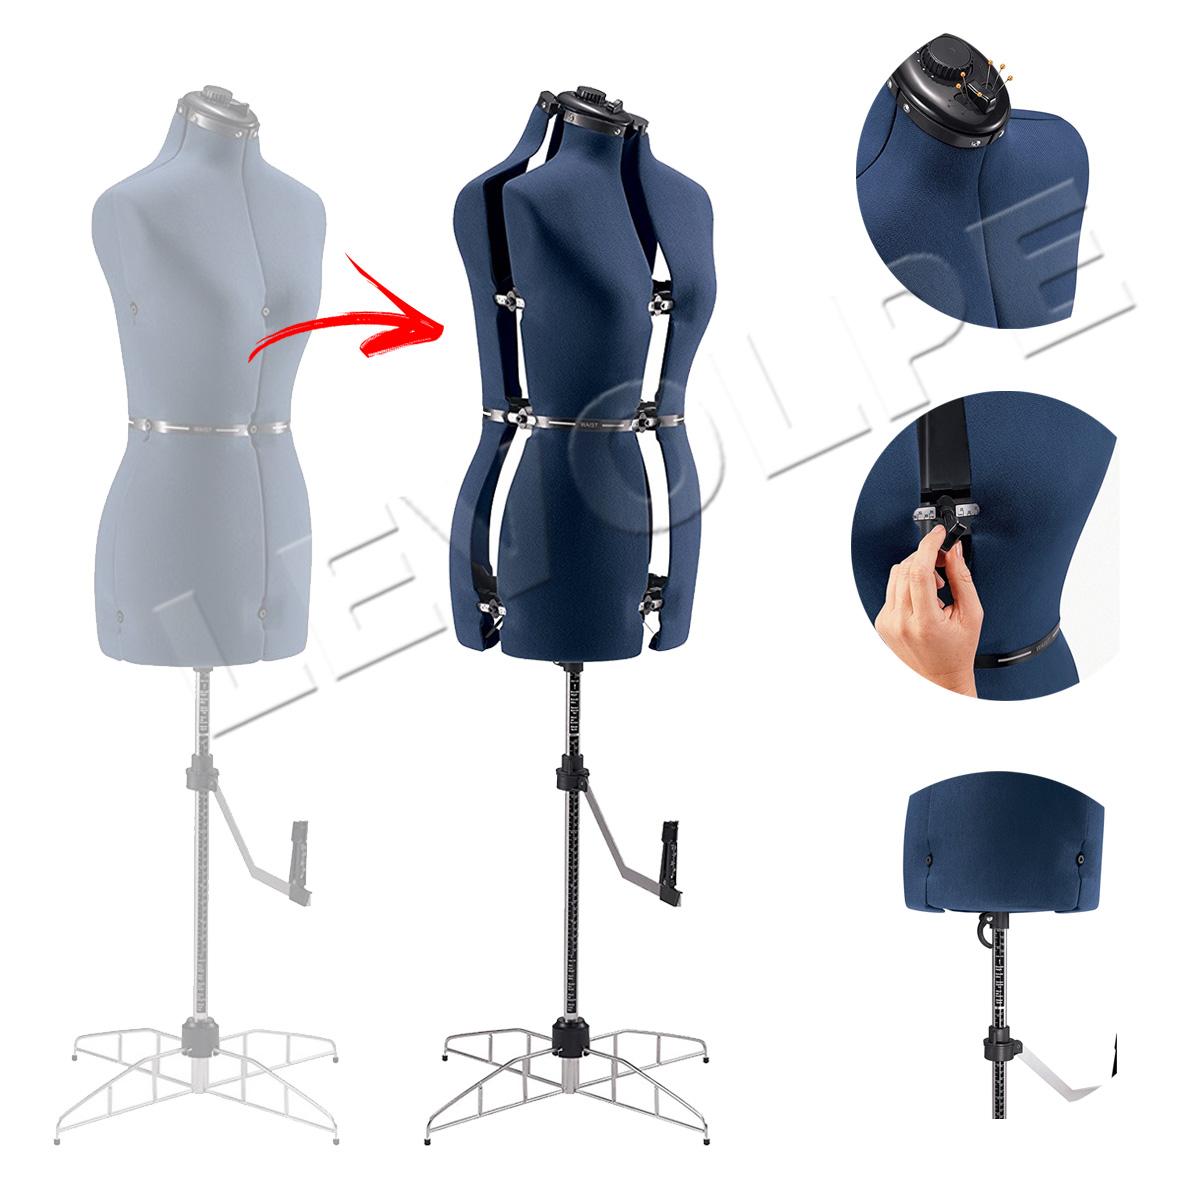 Manequim Ajustavel Regulavel Feminino Para Alfaiate Costura